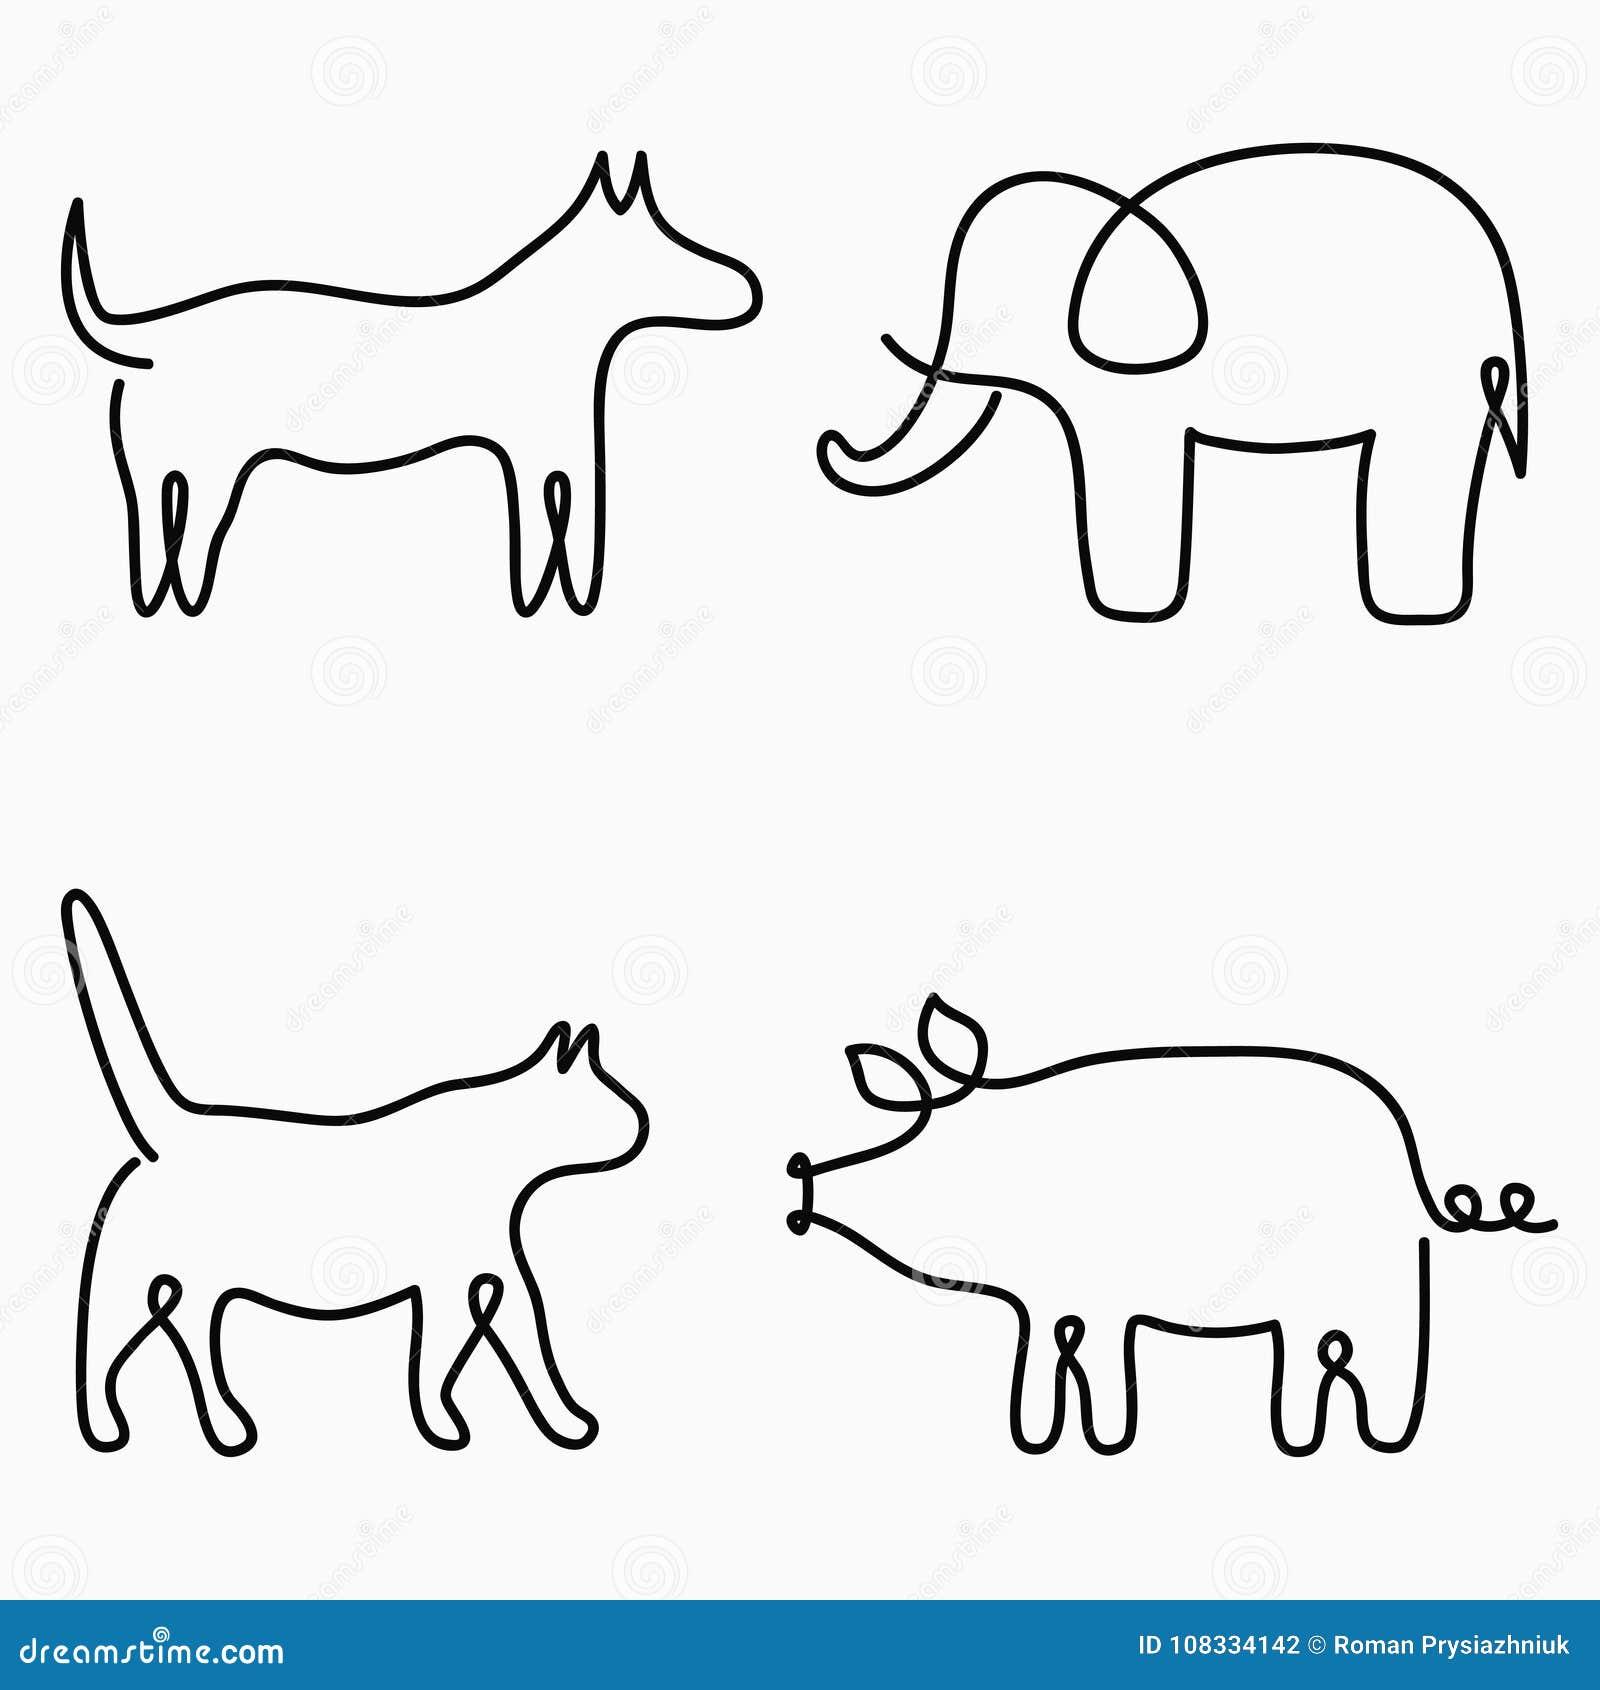 Djur en linje teckning Fortlöpande linje tryck - katt, hund, svin, elefant Hand-dragen illustration för logo vektor